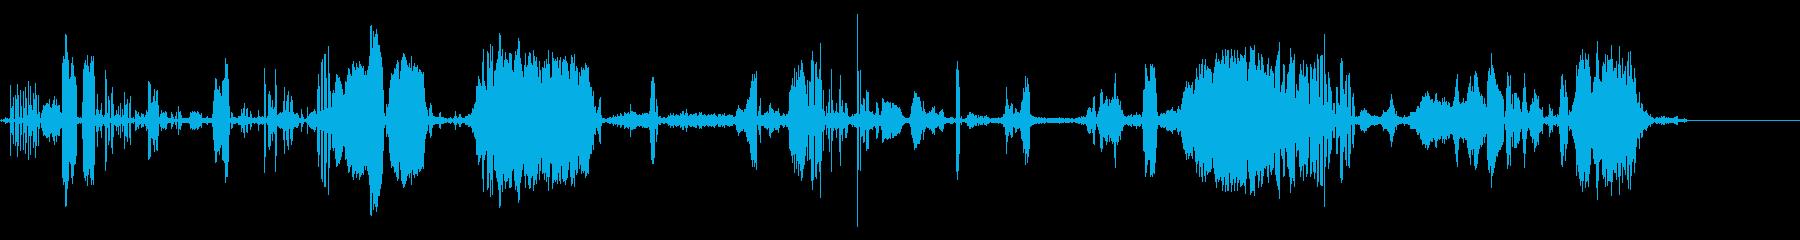 さまざまなハゲタカの再生済みの波形